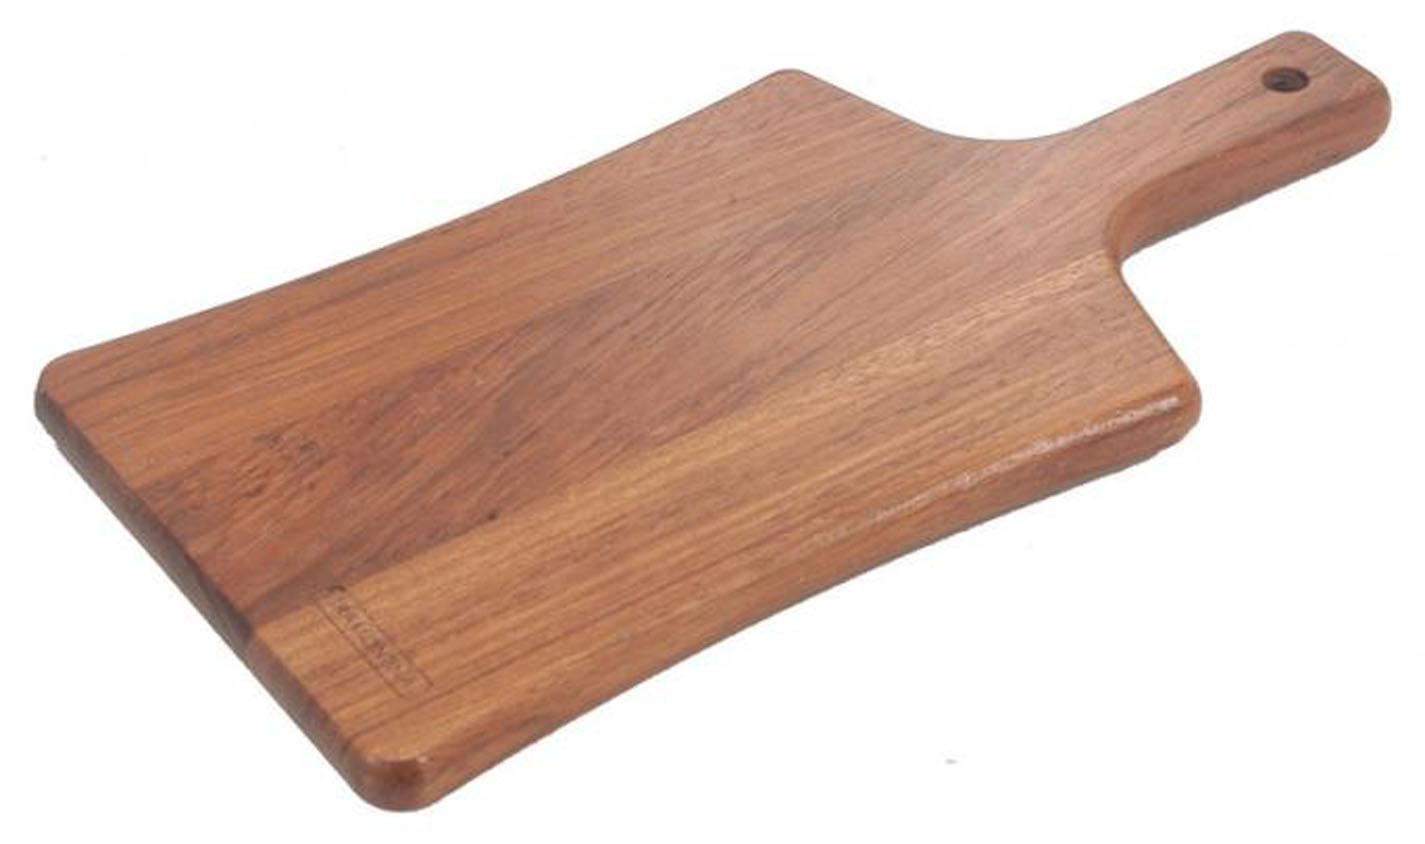 Доска разделочная Tramontina Traditional с ручкой, 40 см х 21 см. 10031/070-TR10031/070-TRРазделочная доска Tramontina Tradicional изготовлена из высококачественной древесины Jatoba, имеет прямоугольную форму и оснащена удобной ручкой с отверстием для развешивания. Предназначена для разделки хлеба, мяса, рыбы, шинковки овощей. Доска имеет покрытие Microban, которое на 99% сокращает количество бактерий, грибков и плесени, но изделие при этом остается совершенно безопасным для здоровья человека. По многим критериям данная древесина превосходит дуб, очень устойчива и долговечна. Разделочная доска Tramontina Tradicional прекрасно подходит для приготовления и сервировки пищи. Не рекомендуется мыть в посудомоечной машине.